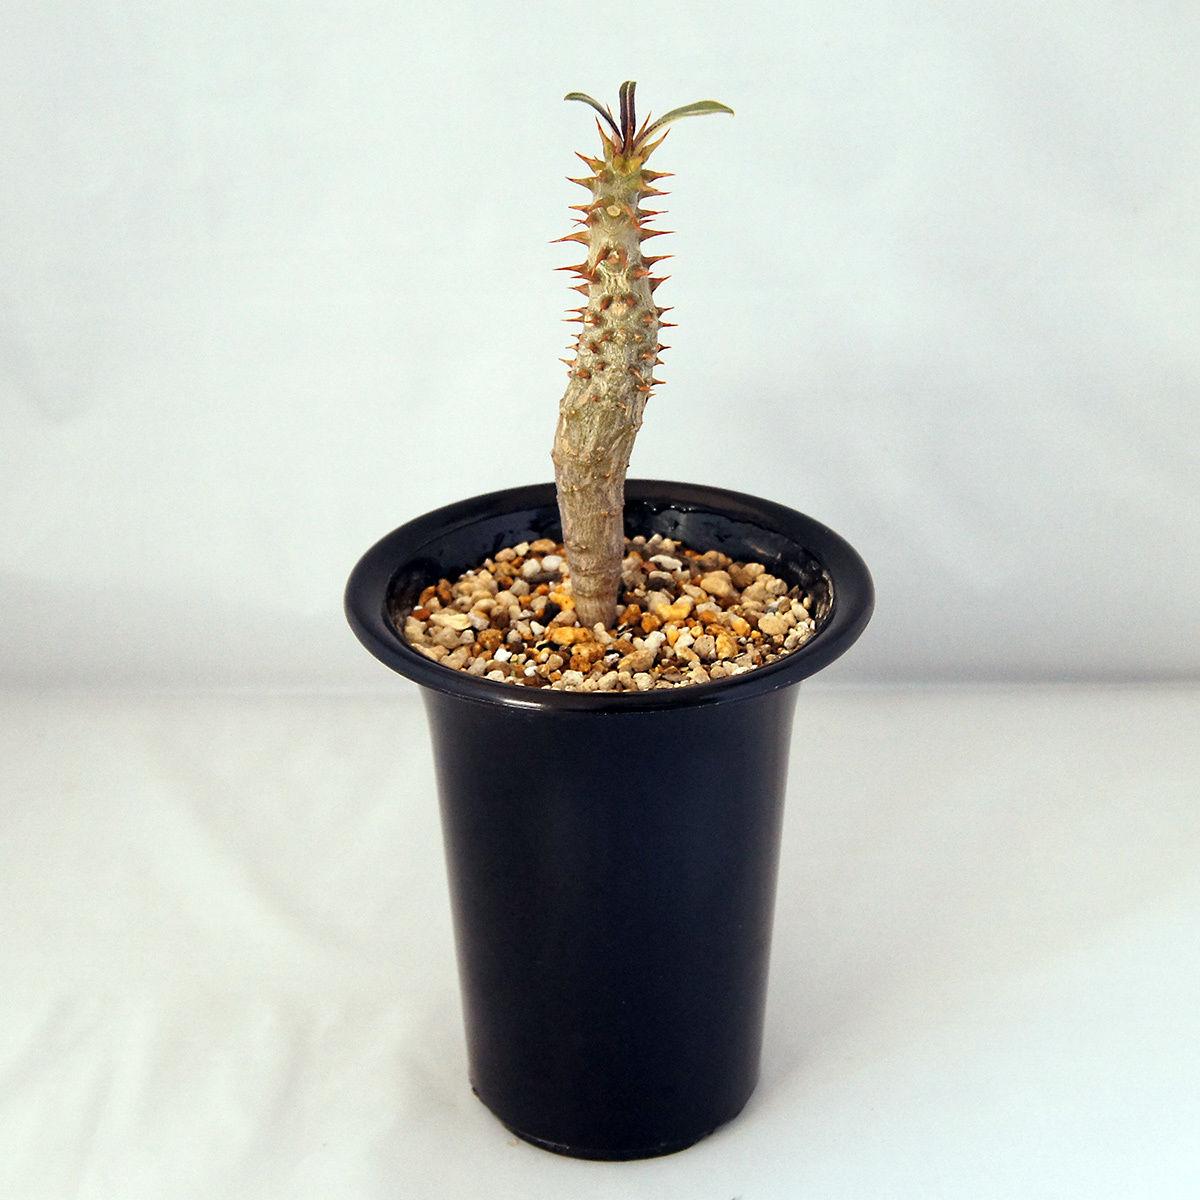 塊根植物 パキポディウム バロニー(Pachypodium baronii)【送料無料】